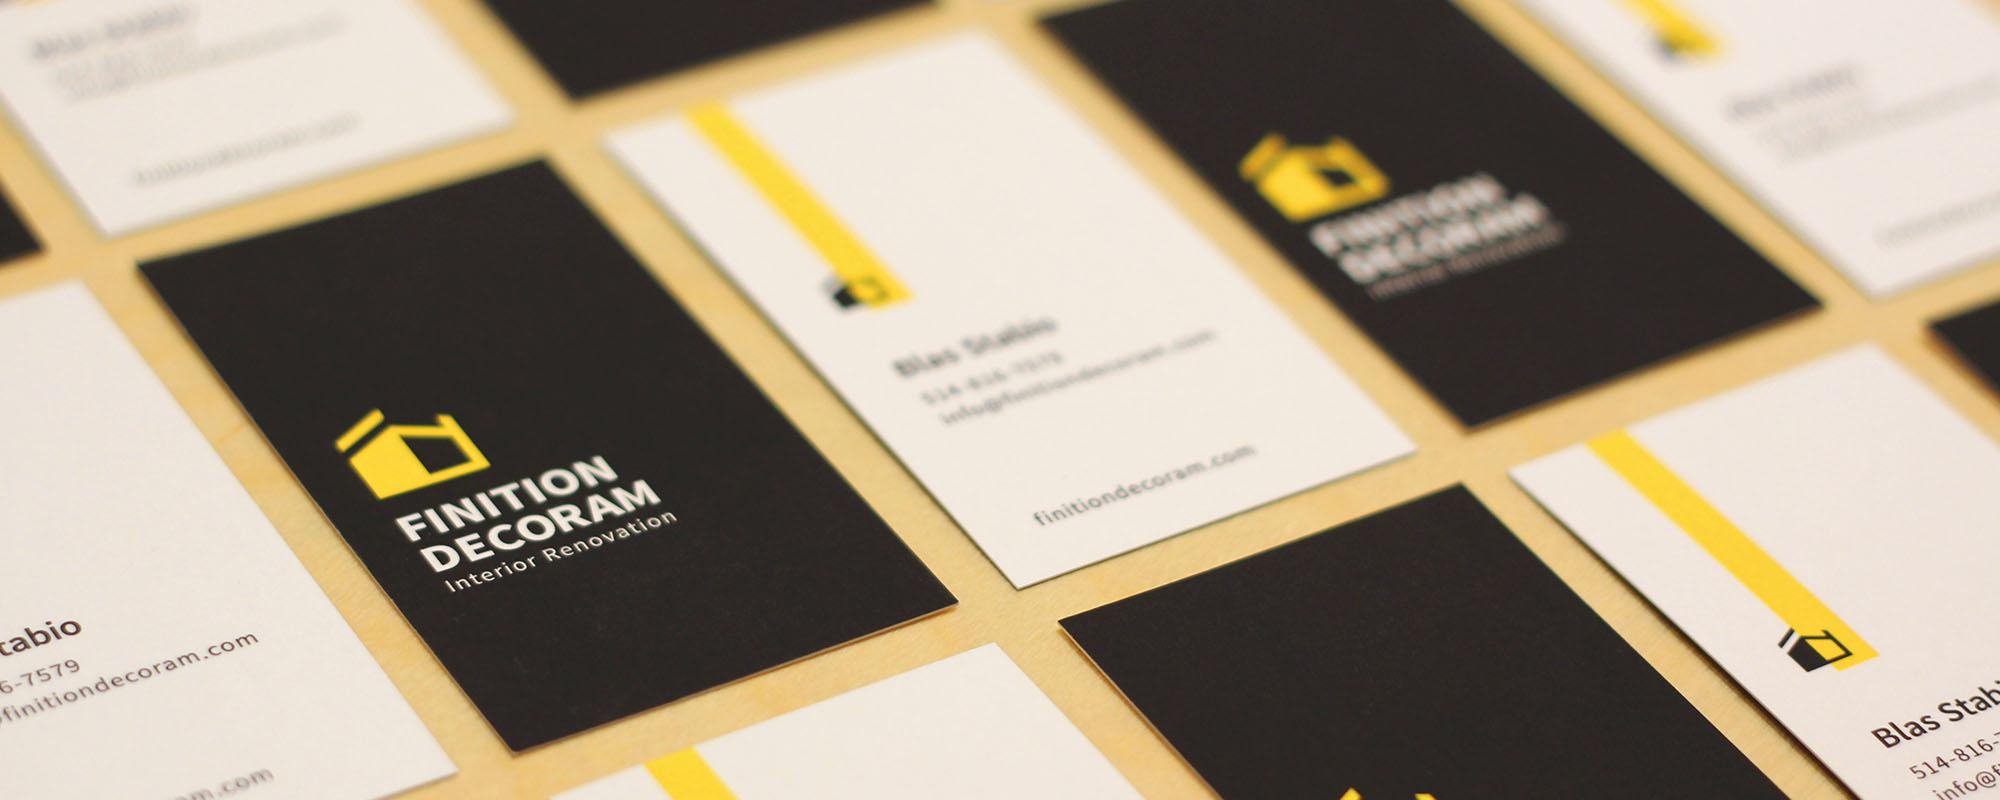 Finition Decoram — Rebrand 2017 – Montreal Design